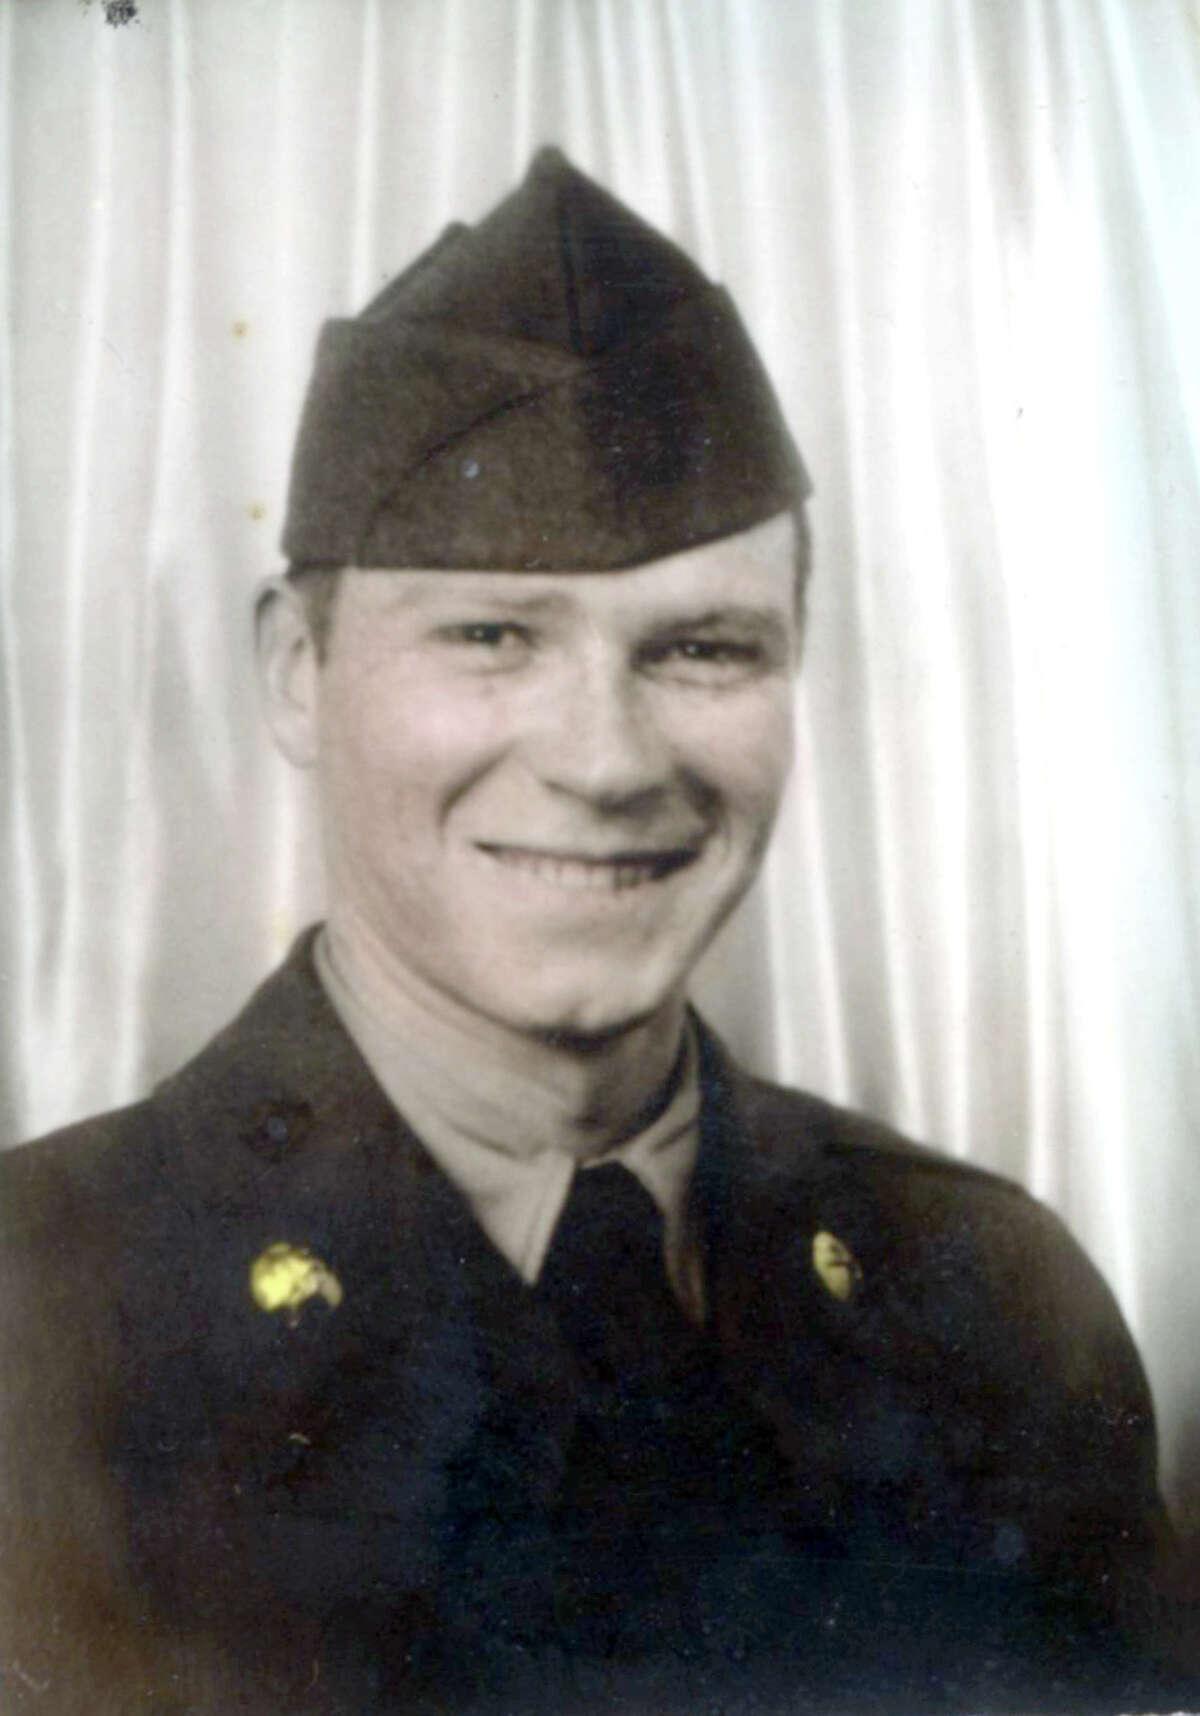 Lyle Adams, CPL, U.S. Army